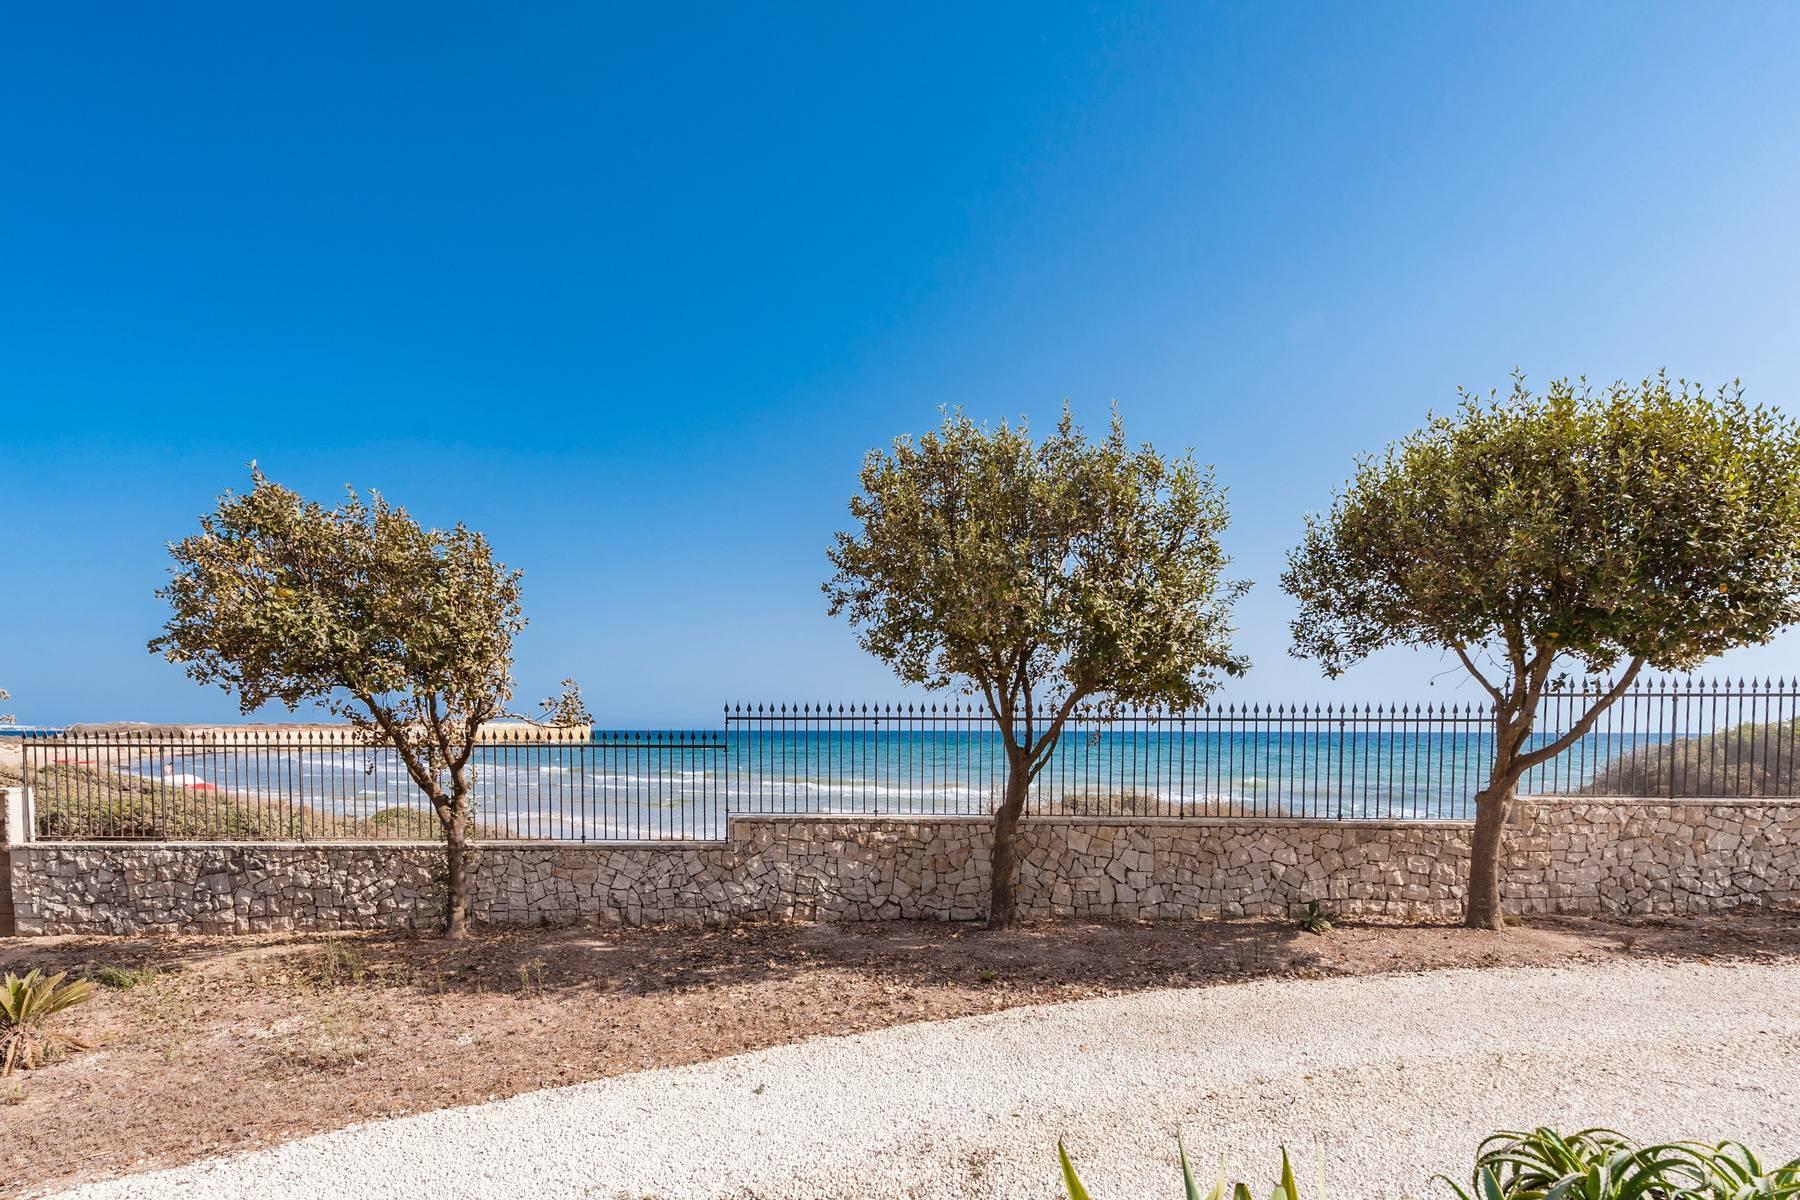 Esclusiva villa sul mare con ingresso privato in spiaggia - 20